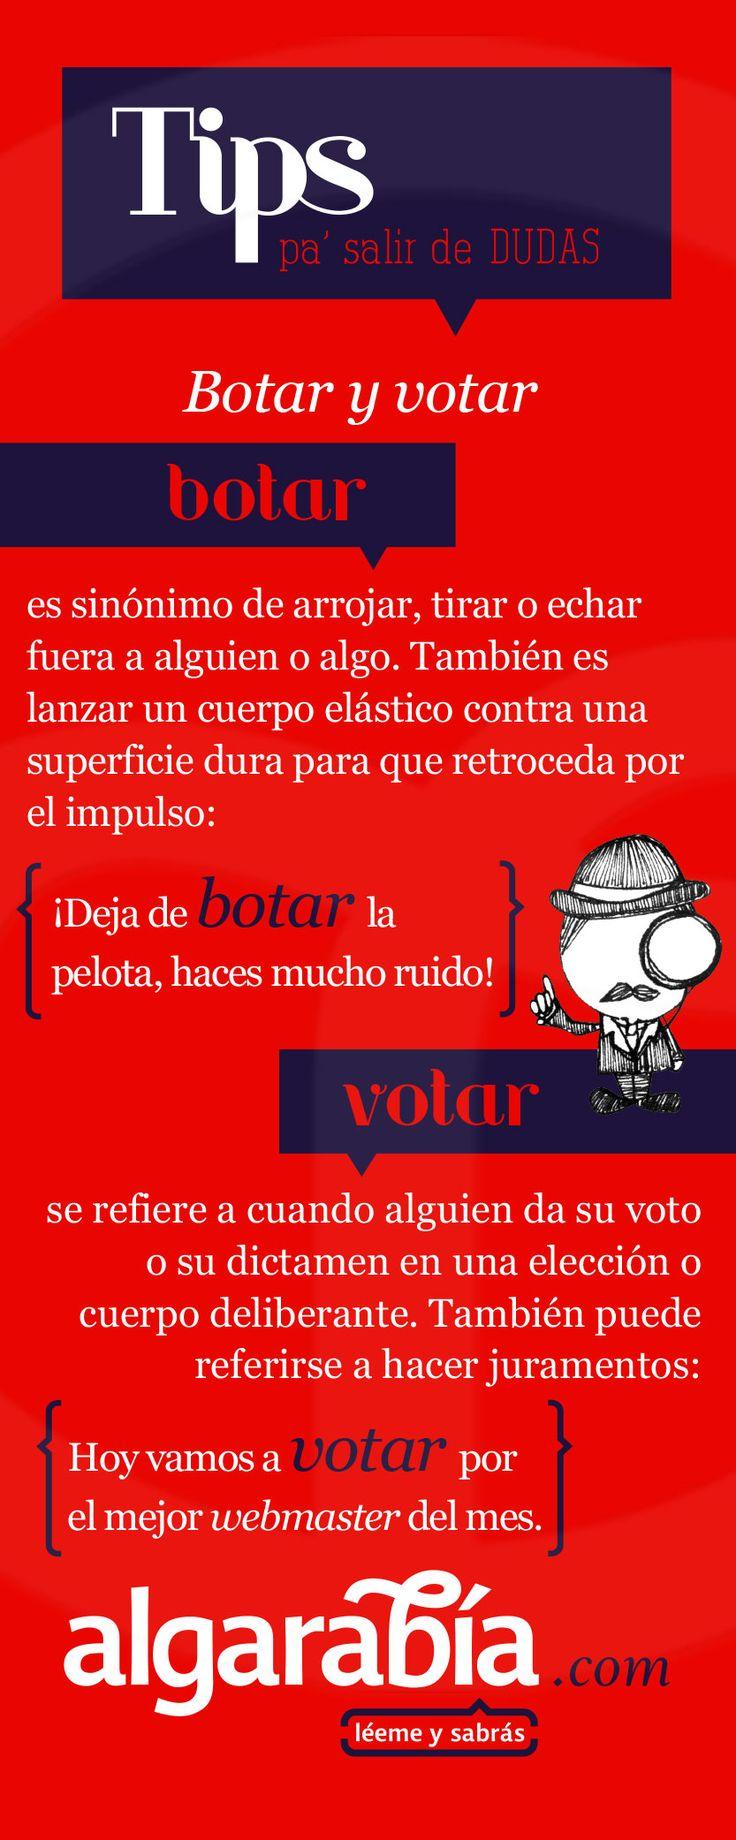 Botar y votar